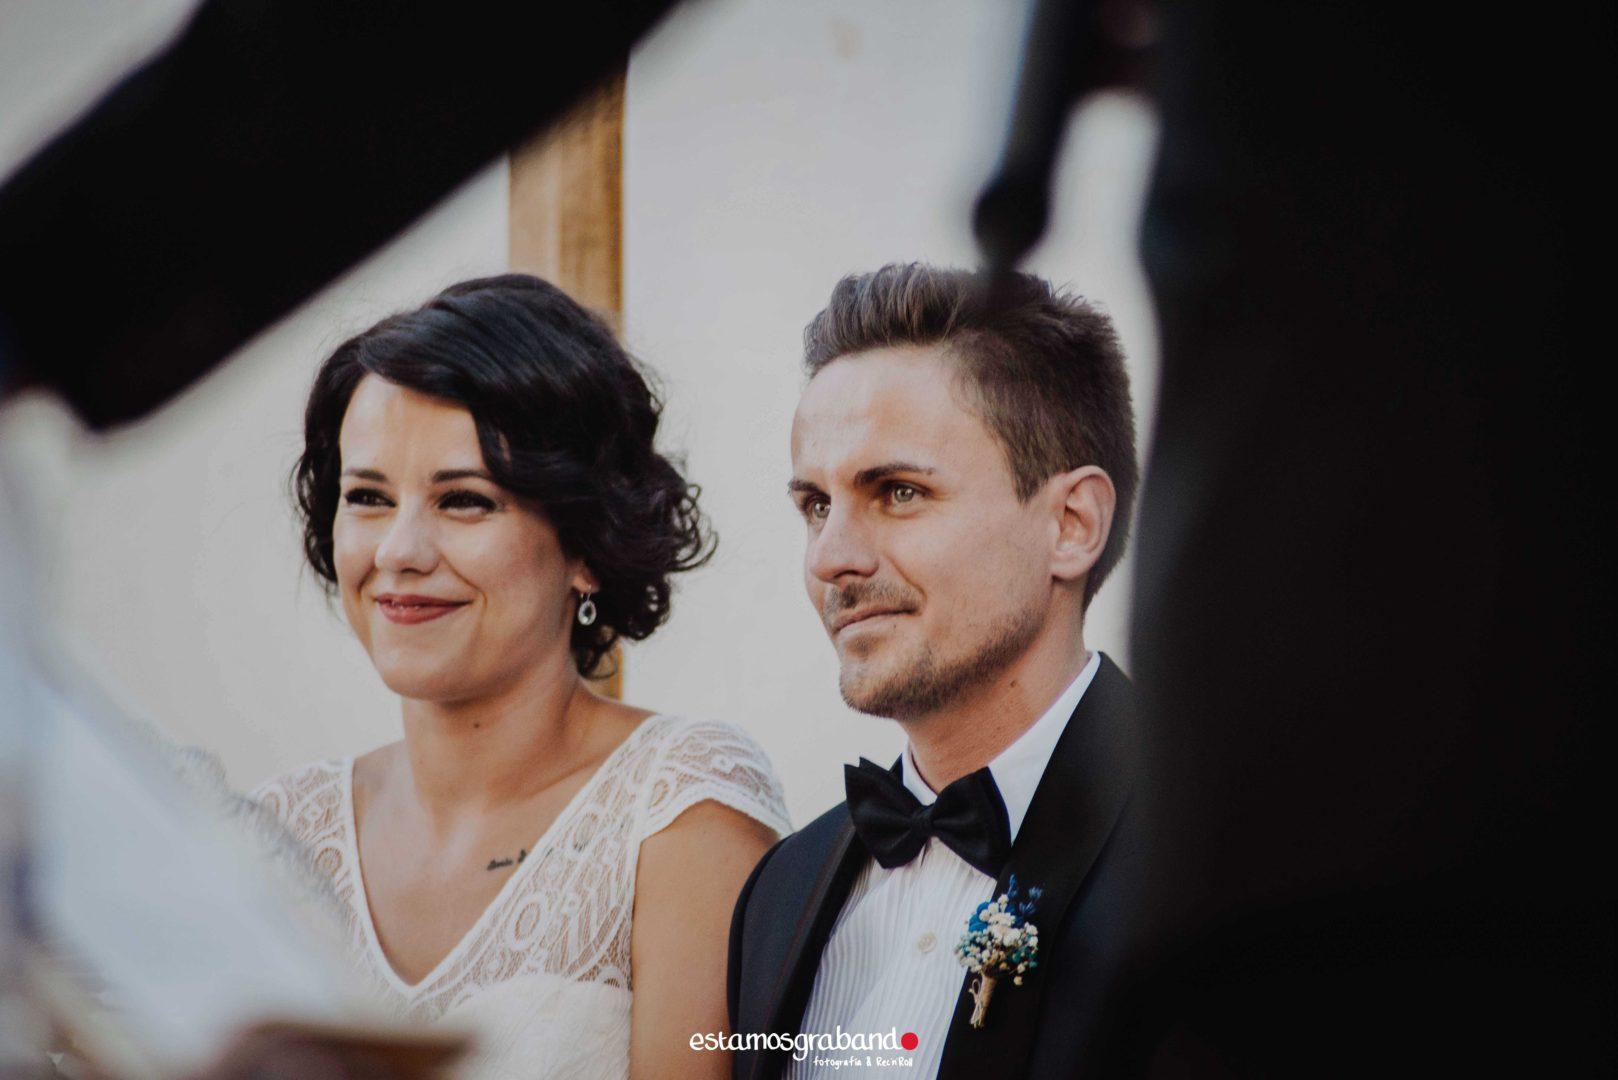 J_C-63-1618x1080 Julián & Cecilia _ Fotografía  de Boda (Ciudad Real) - video boda cadiz